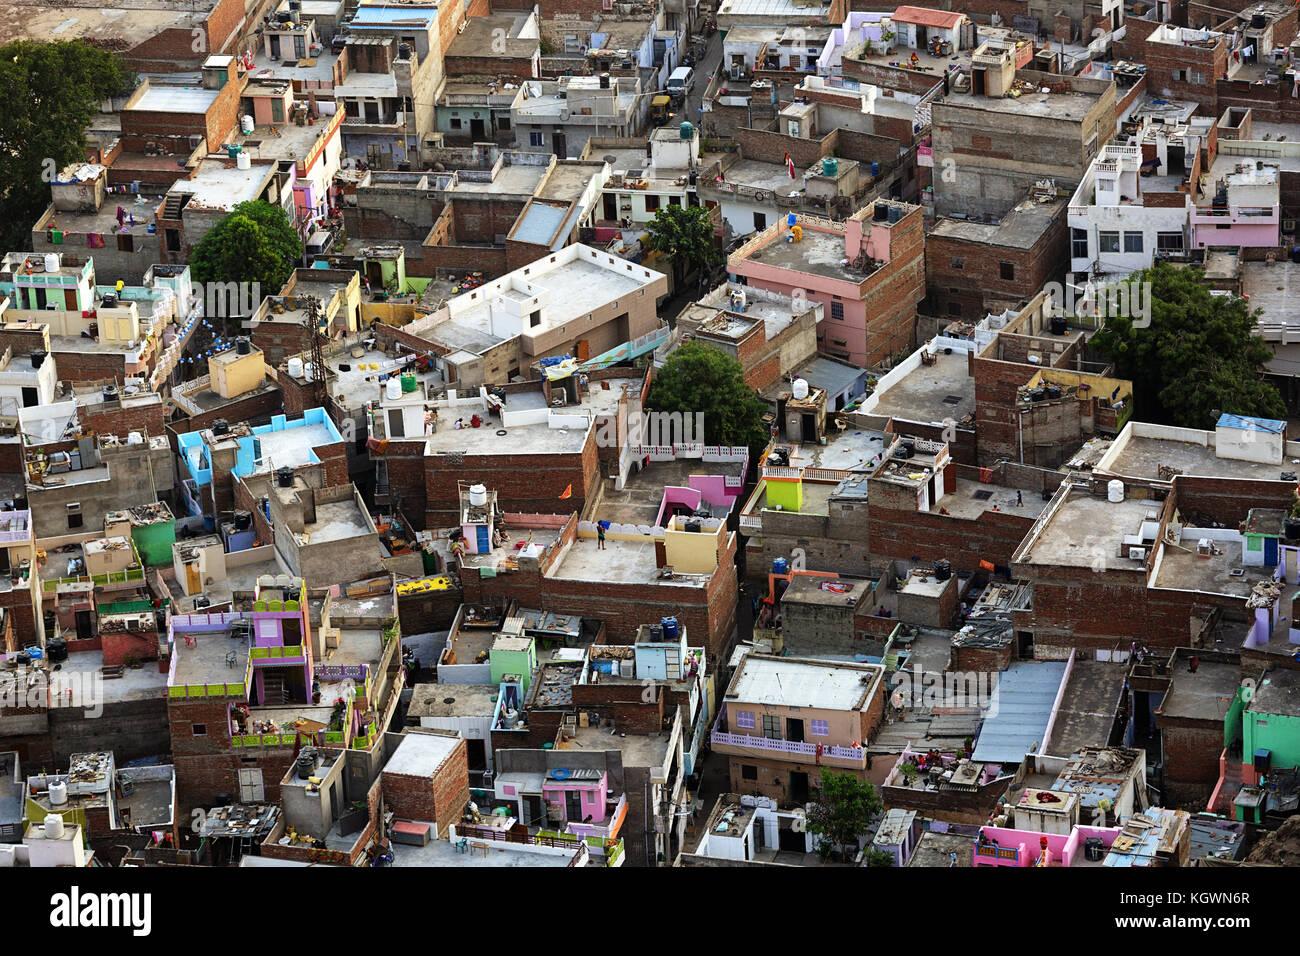 Vue aérienne de la maisons dans Jaipur, vivant la vie quotidienne, Rajasthan, Inde. Photo Stock